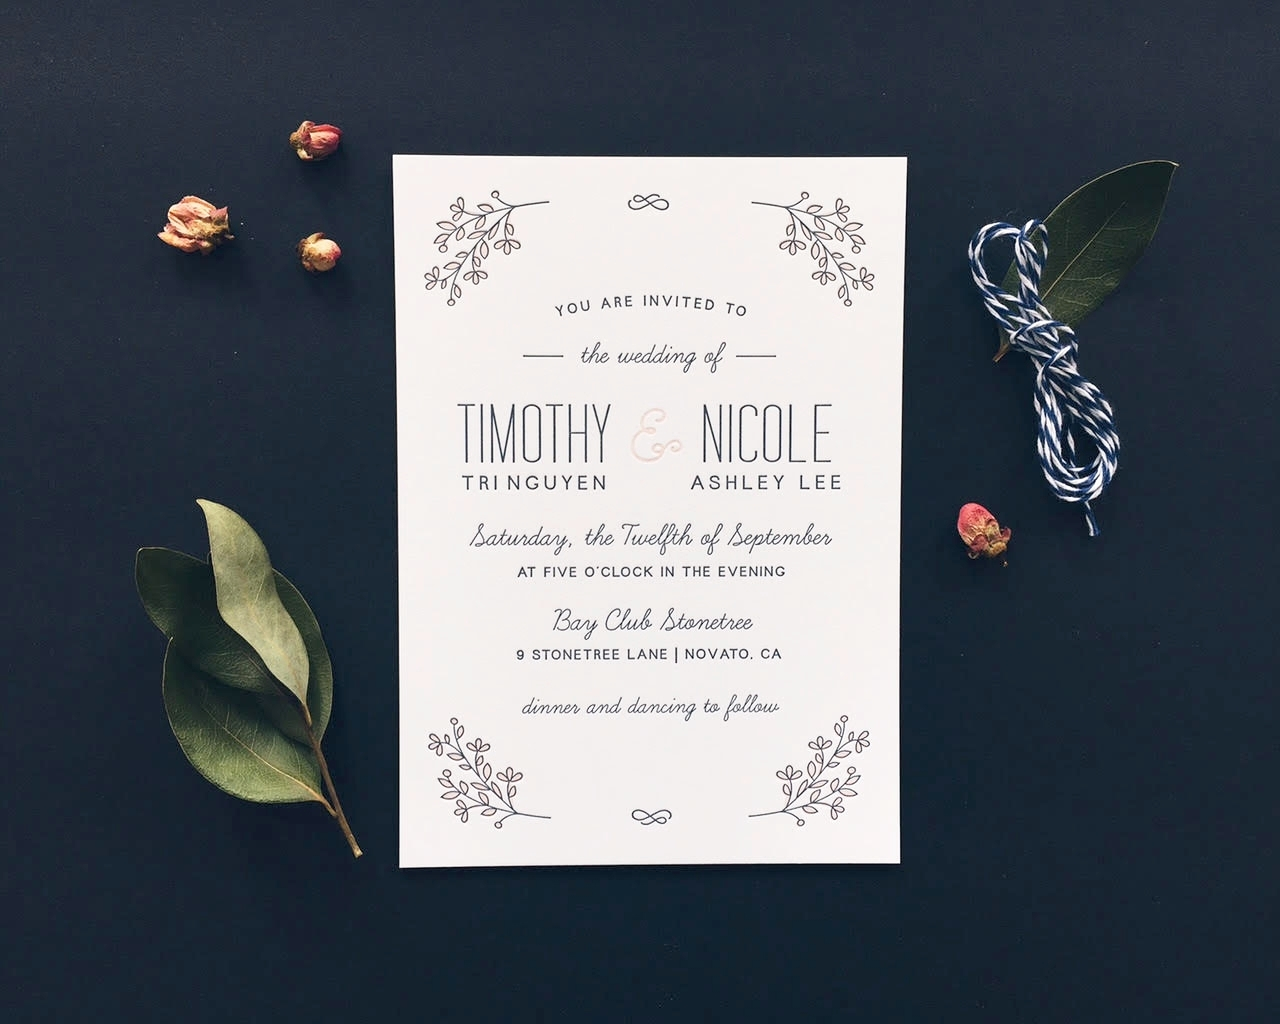 tn_invite3.jpg